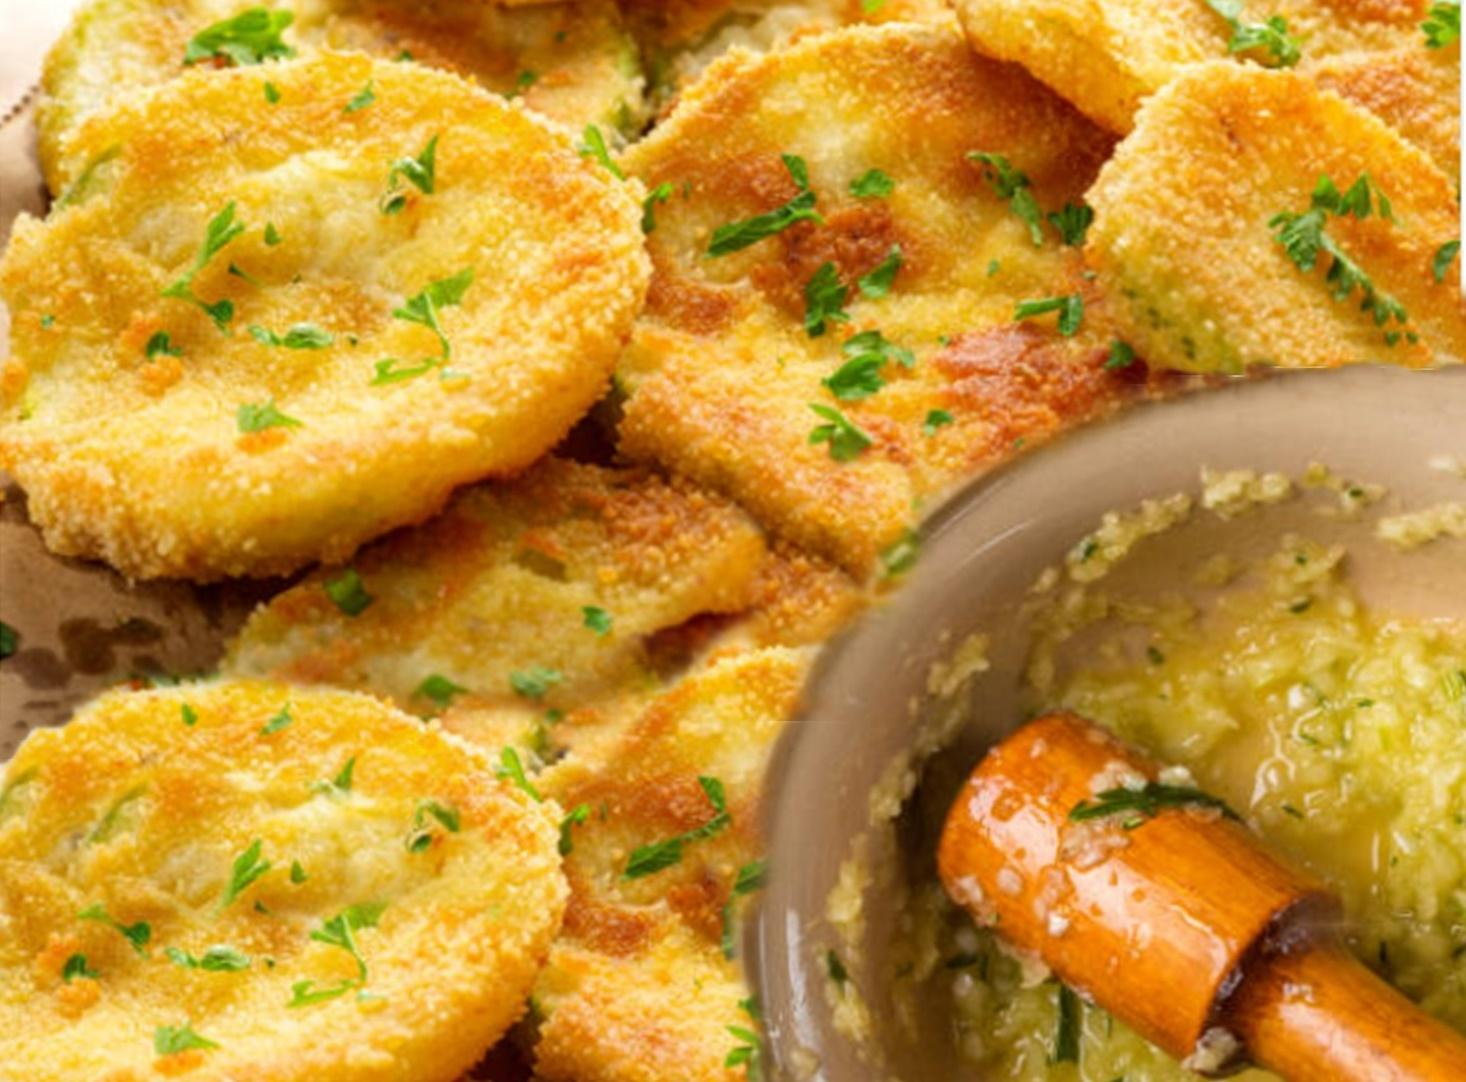 Dovlecei pane cu mujdei de usturoi. Rețeta tradițională românească ca la bunica